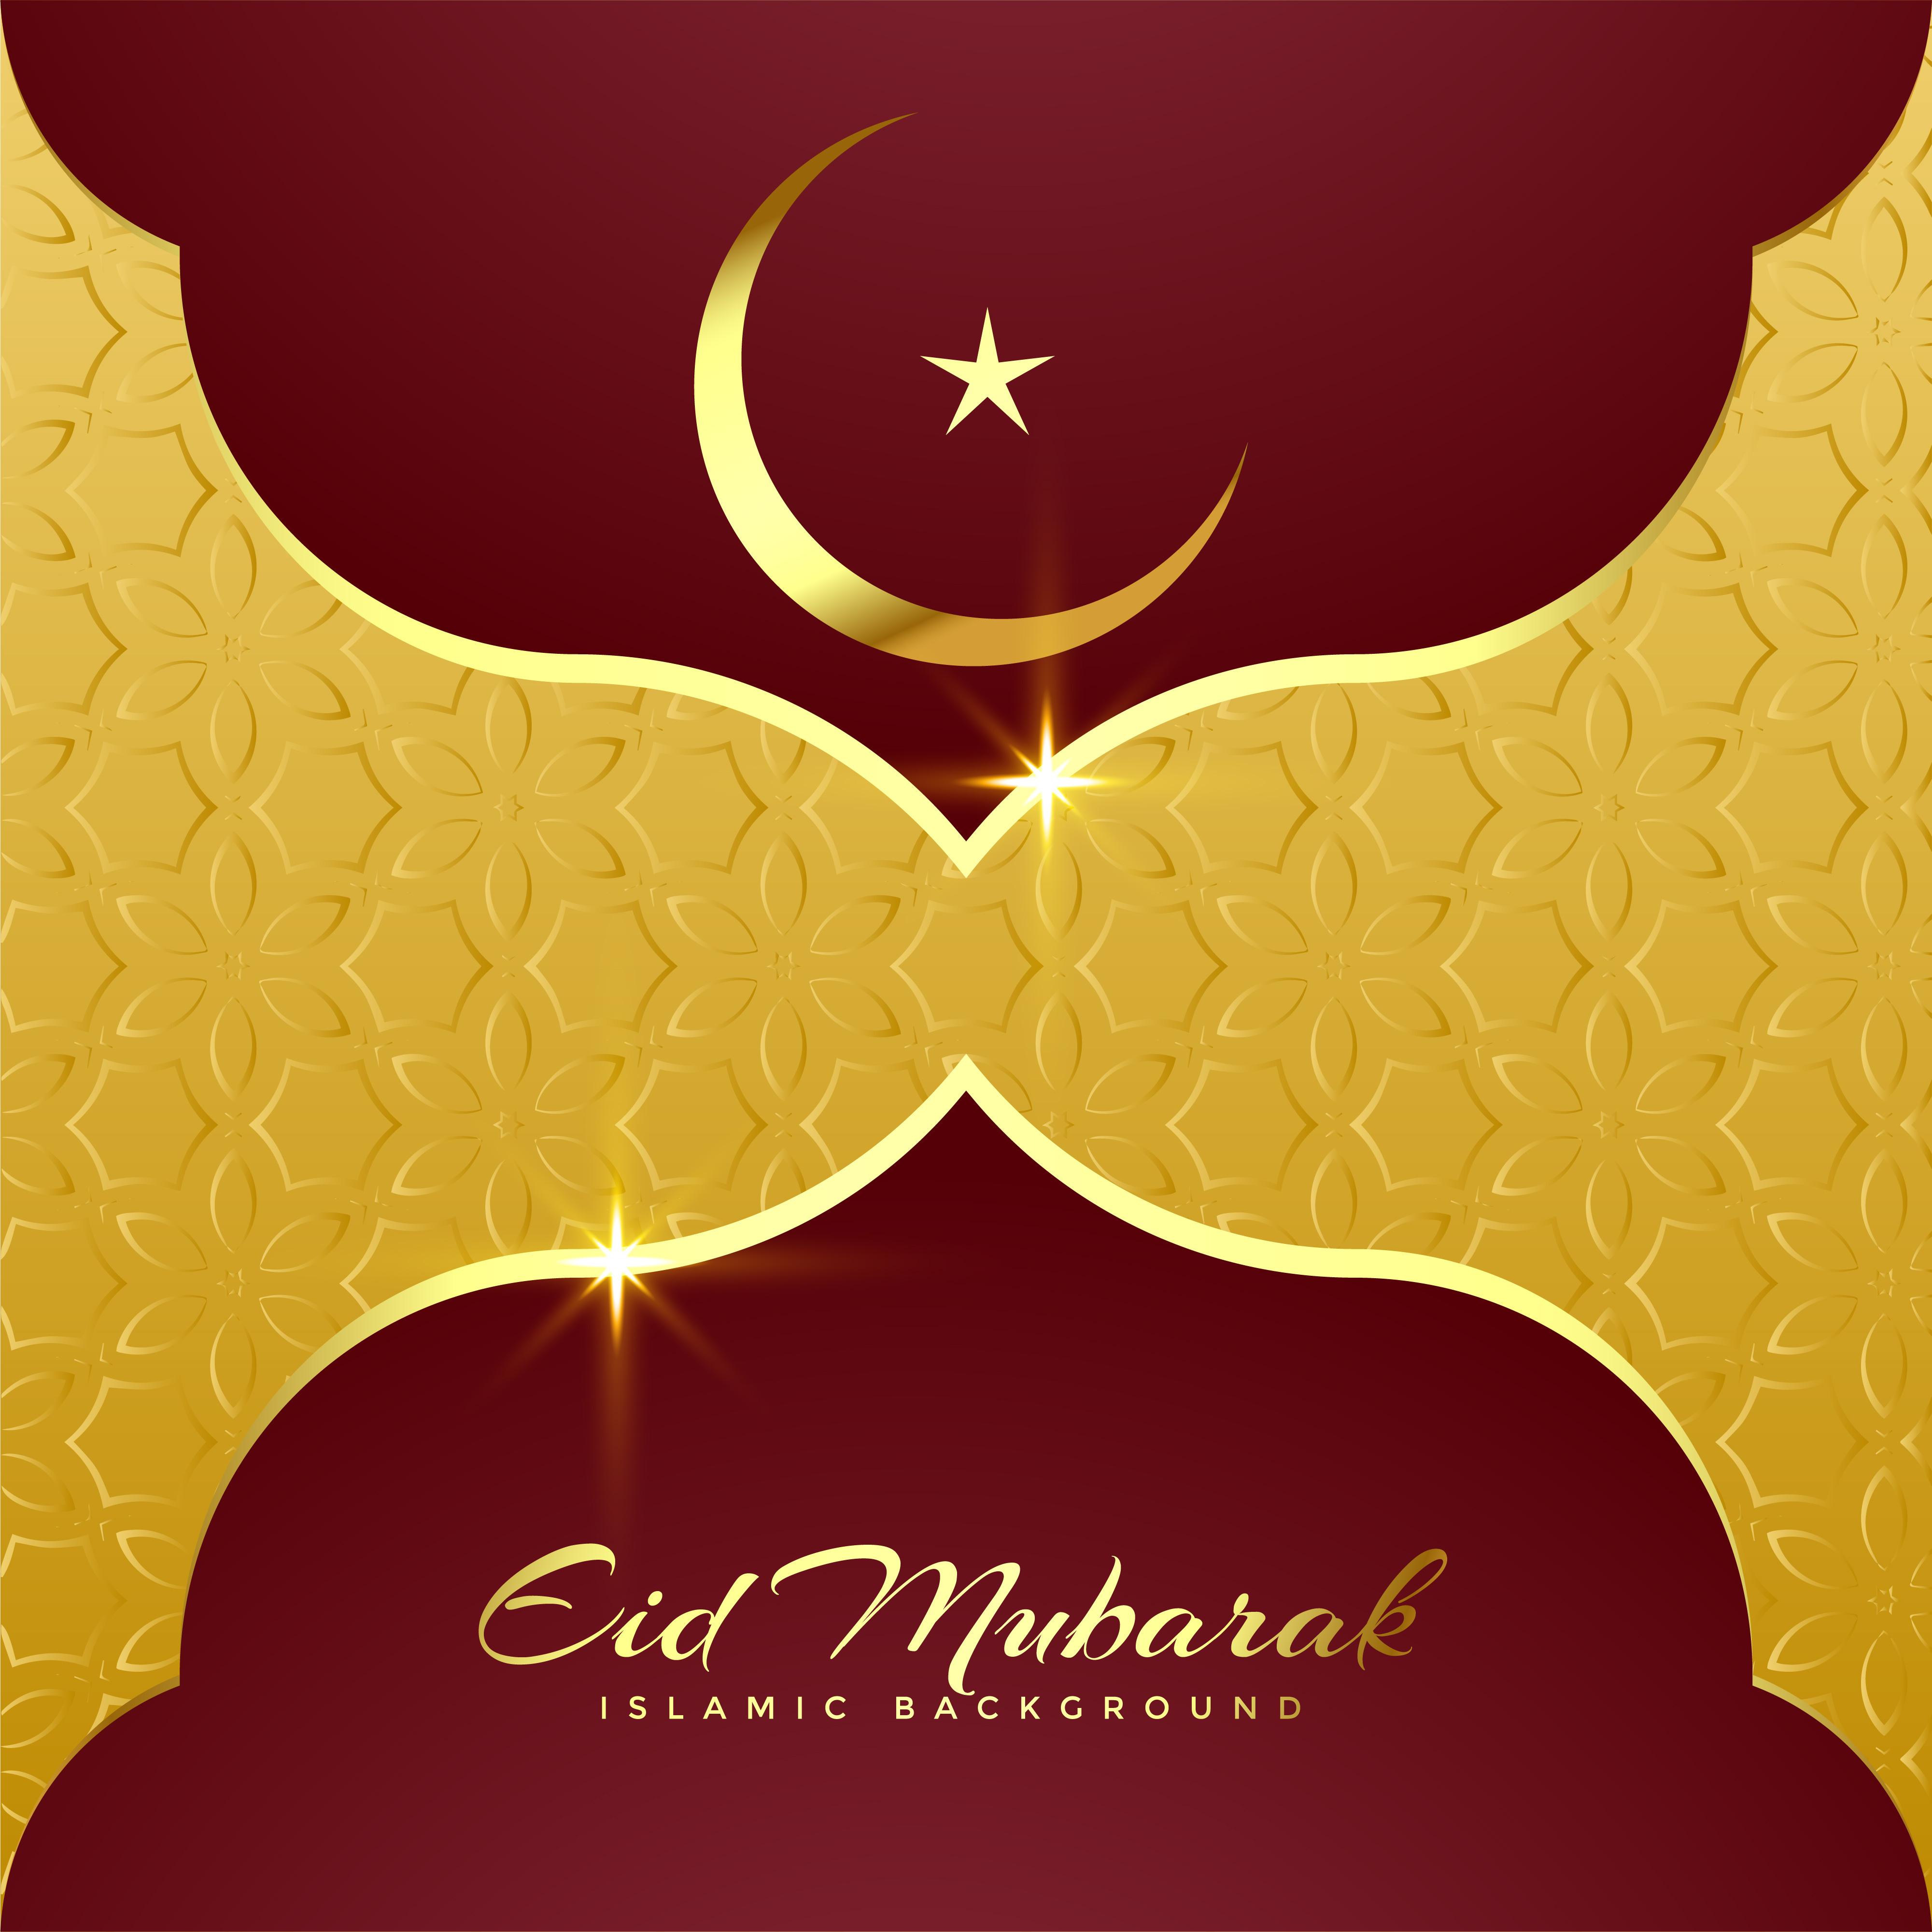 Premium Eid Mubarak Greeting Card Design Download Free Vector Art